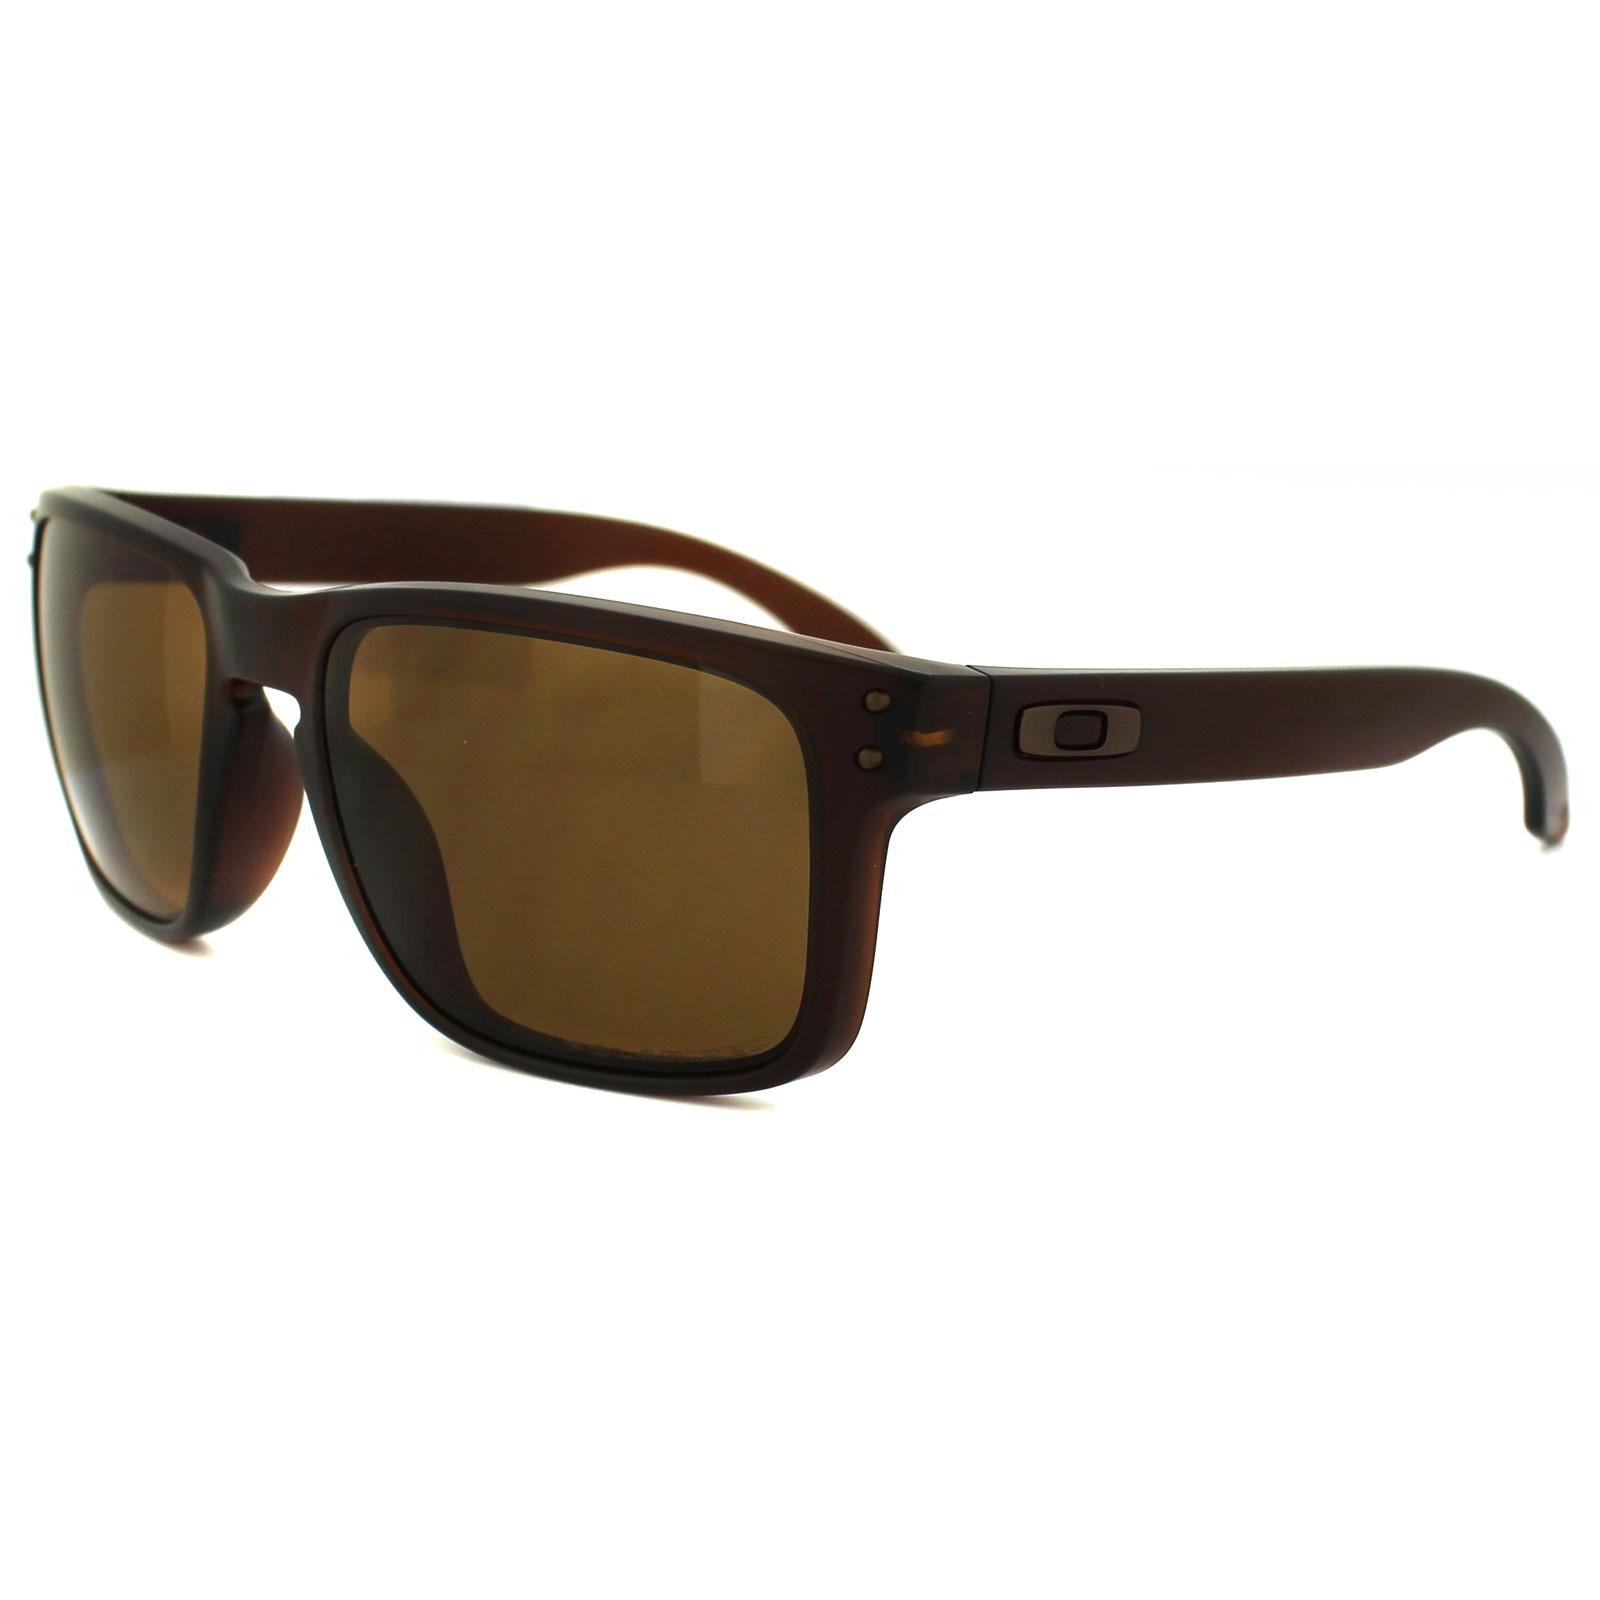 Cheap Oakley Sunglasses Holbrook Matt Rootbeer Bronze